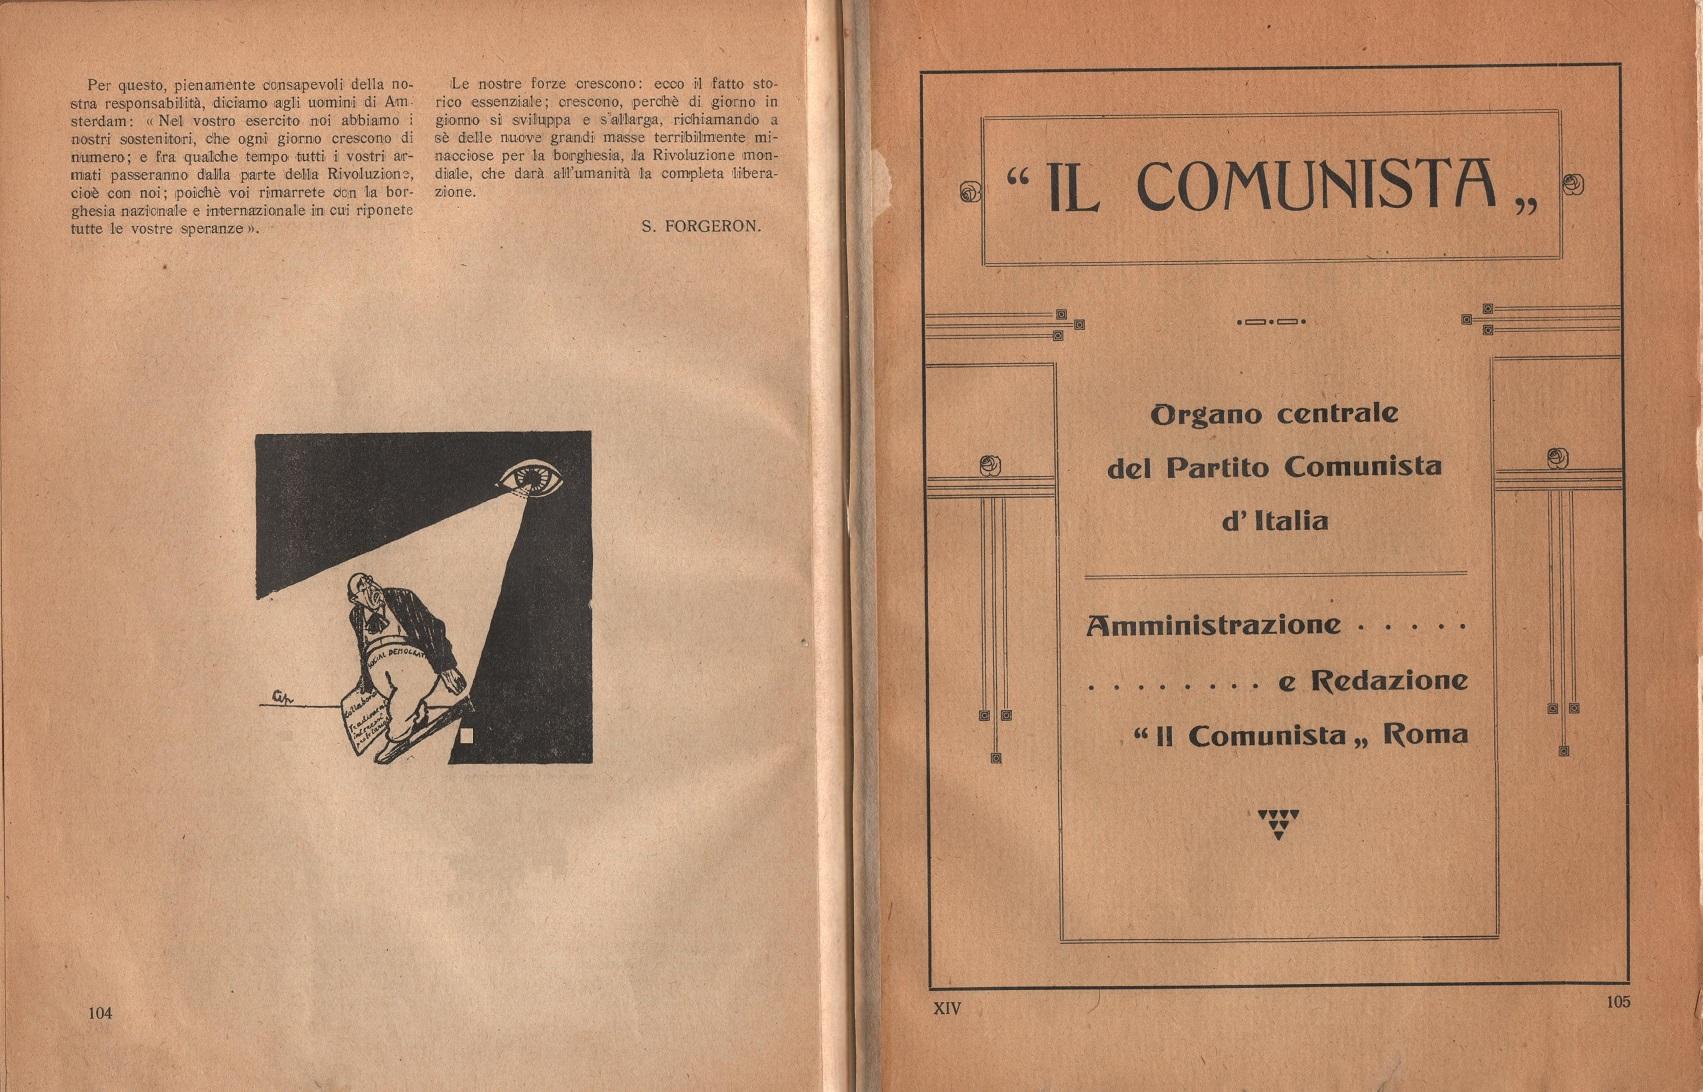 Almanacco comunista 1922 - pag. 62